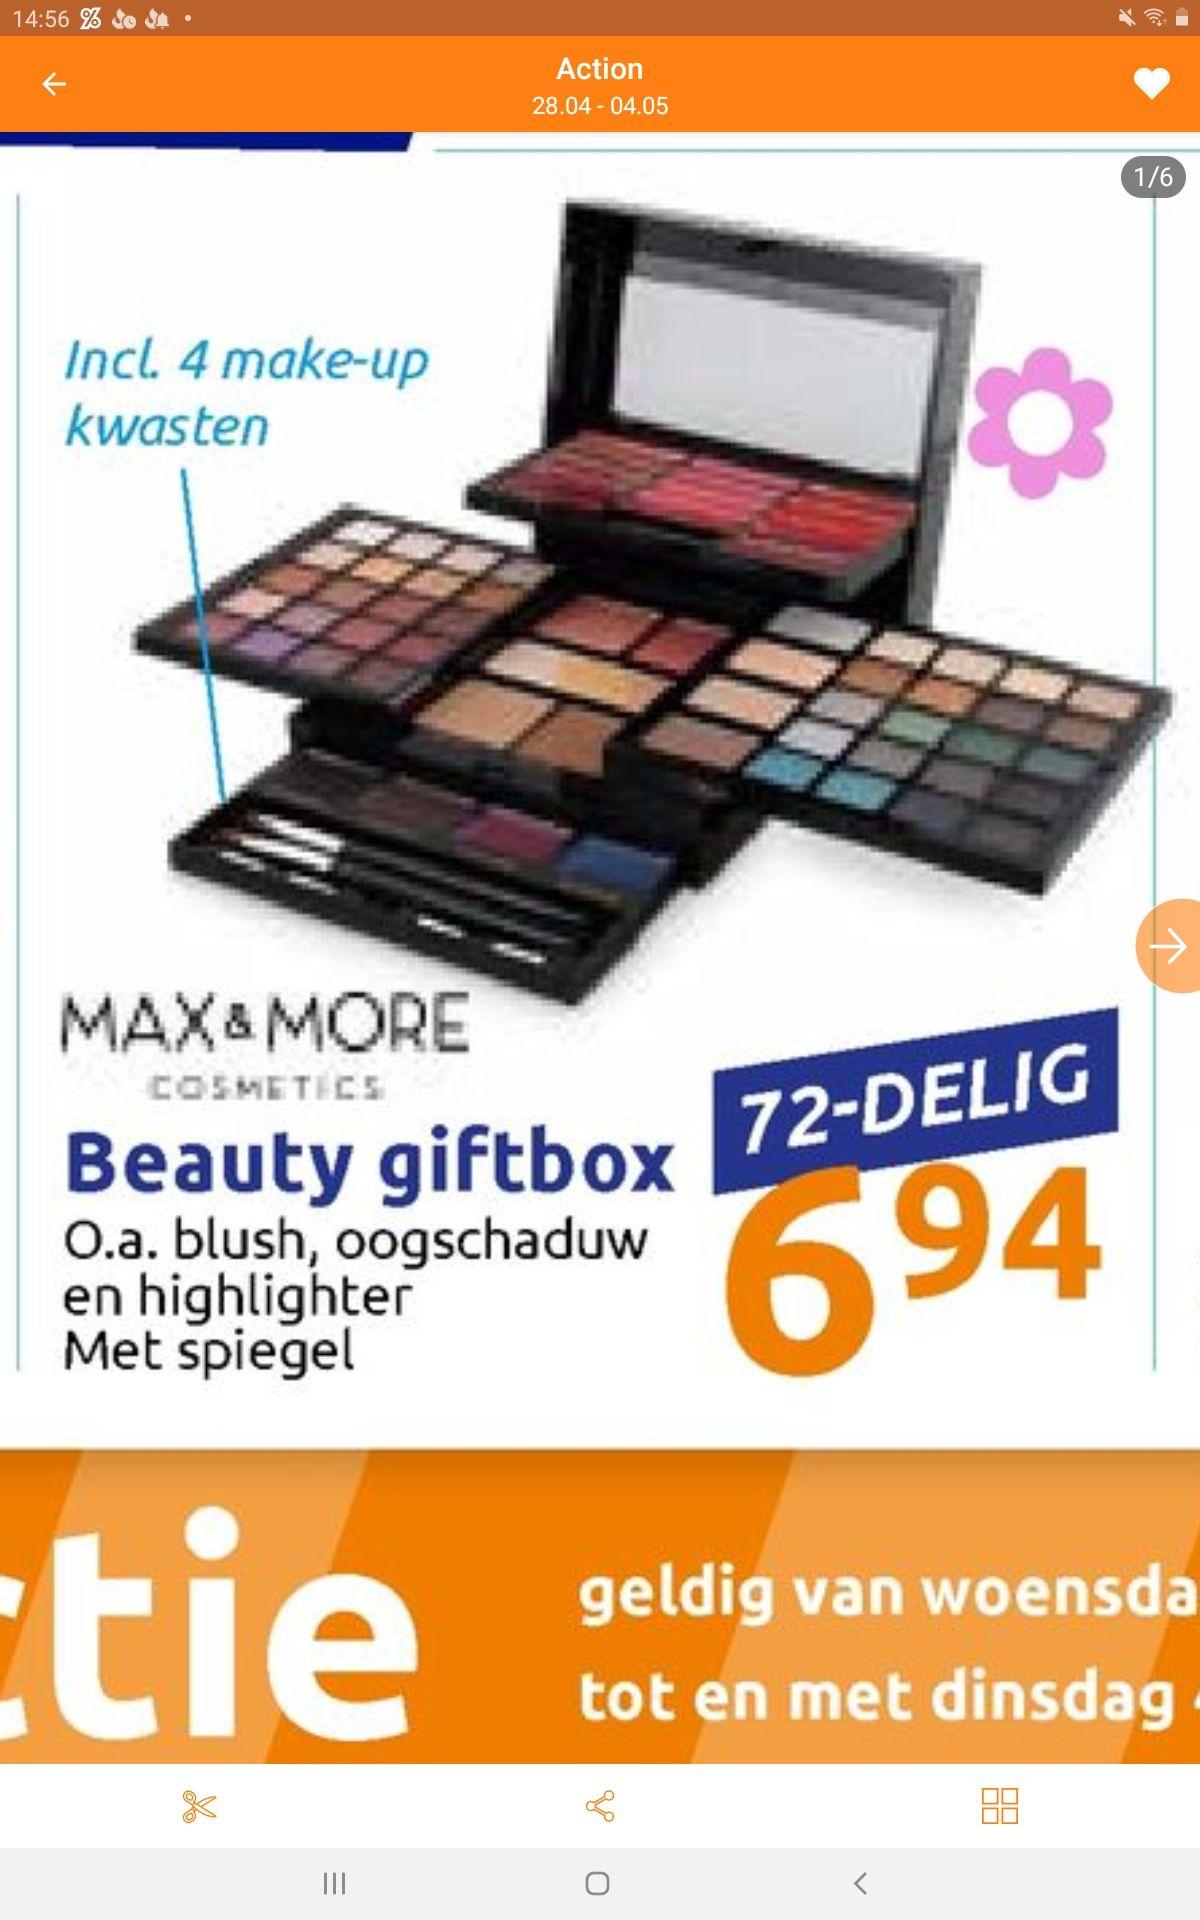 Moederdag beauty giftbox @action